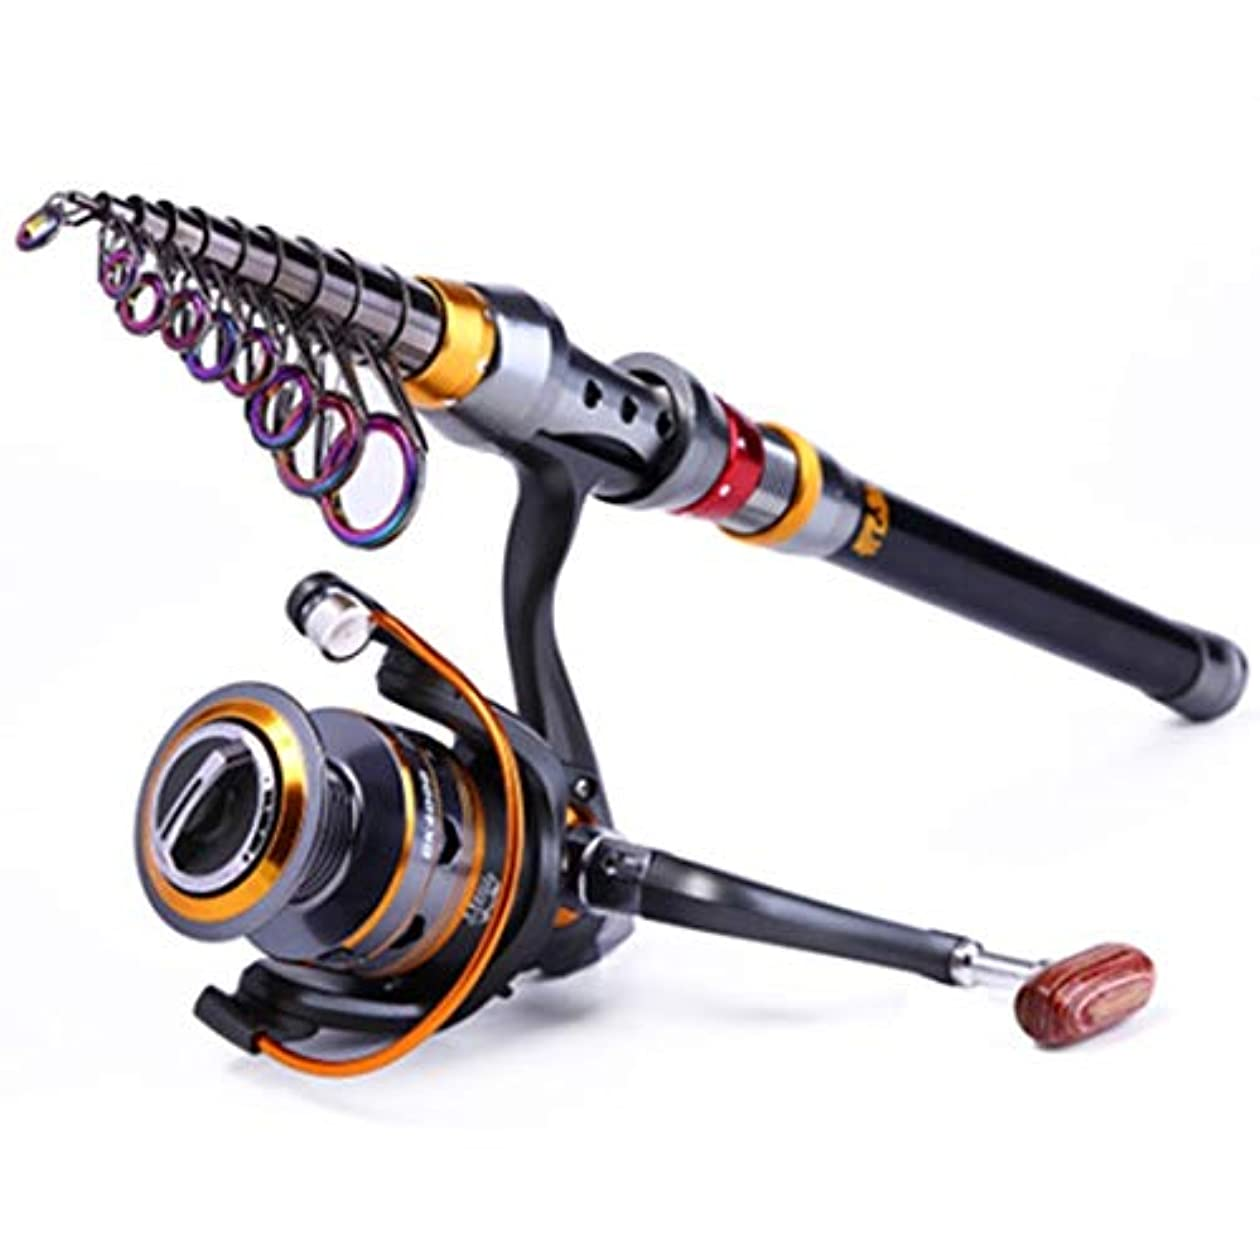 抽選カタログ抑止するWZZJP ロッド 釣り竿 釣り 軽量 釣り具 フィッシングロッド 釣りロッド 釣竿 海釣り